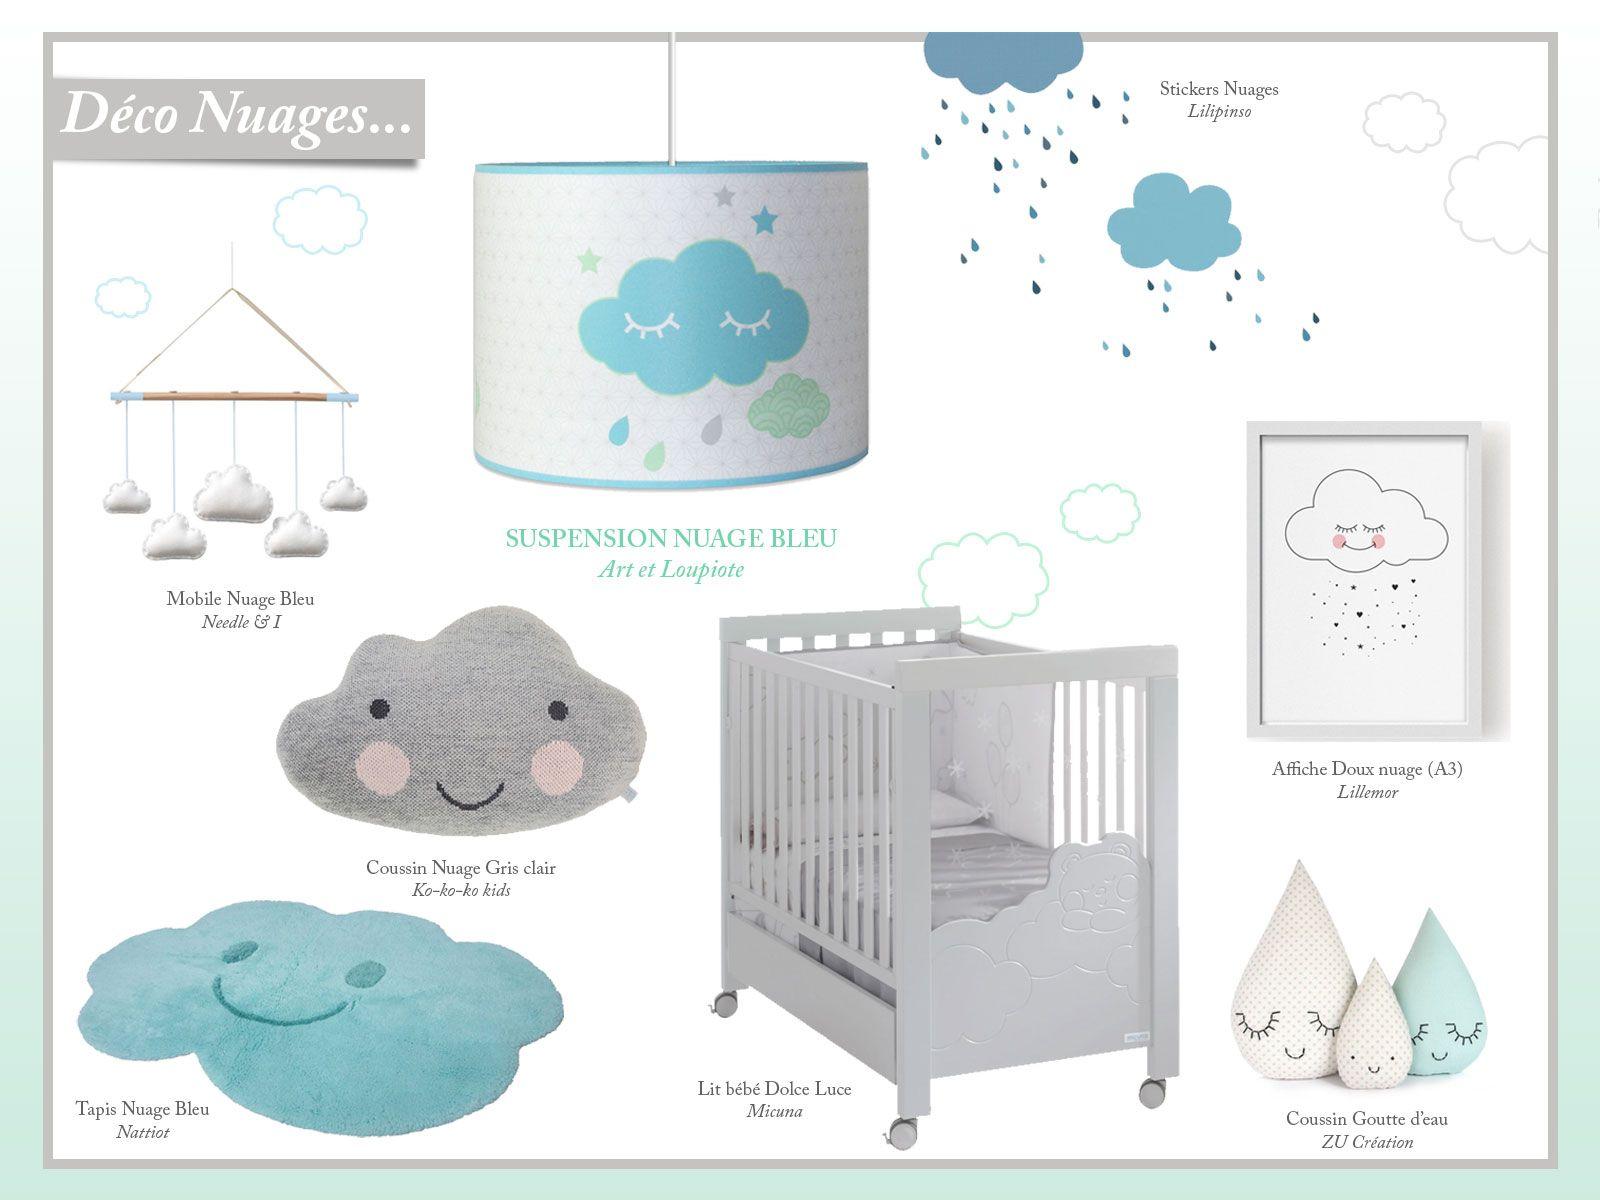 Décoration chambre bébé thème nuages. Adorable luminaire